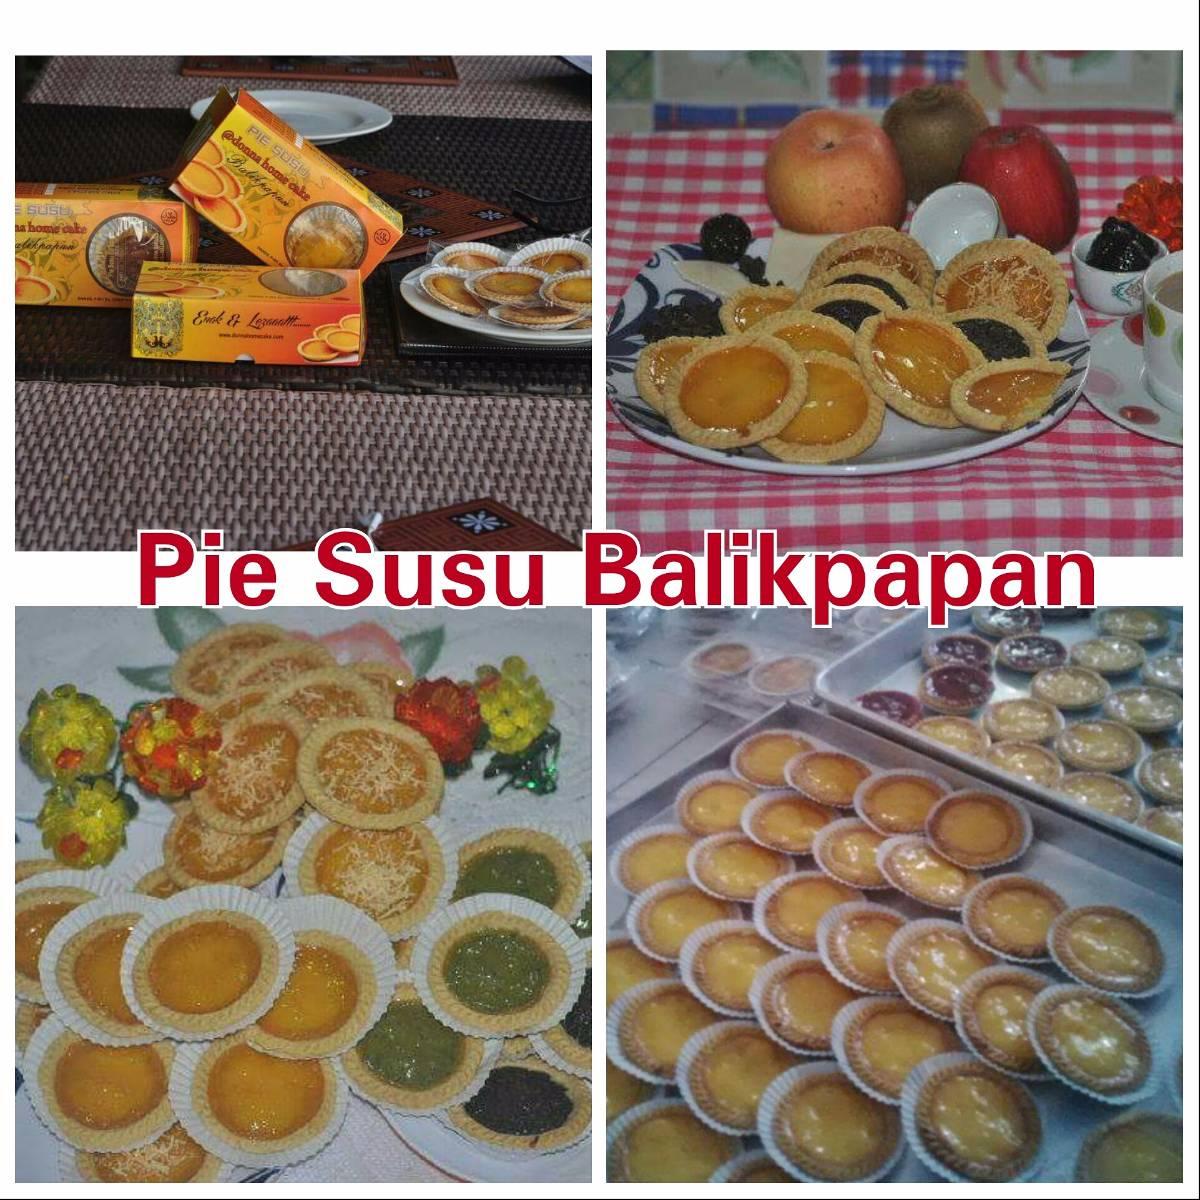 Pie Susu Balikpapan